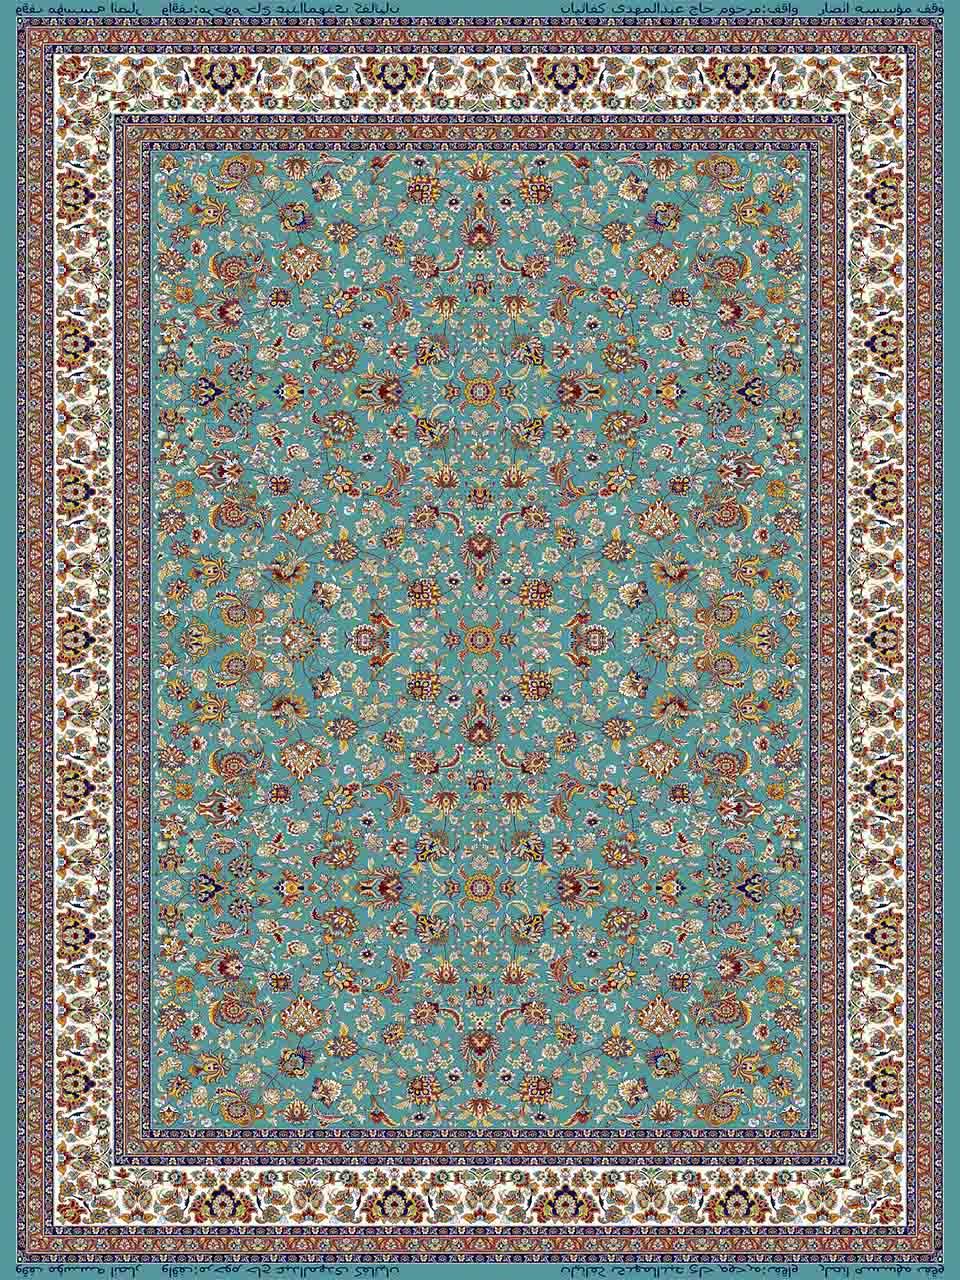 فرش (25016) اکریلیک - 8 رنگ - 700 شانه - آبي - تراکم 2550